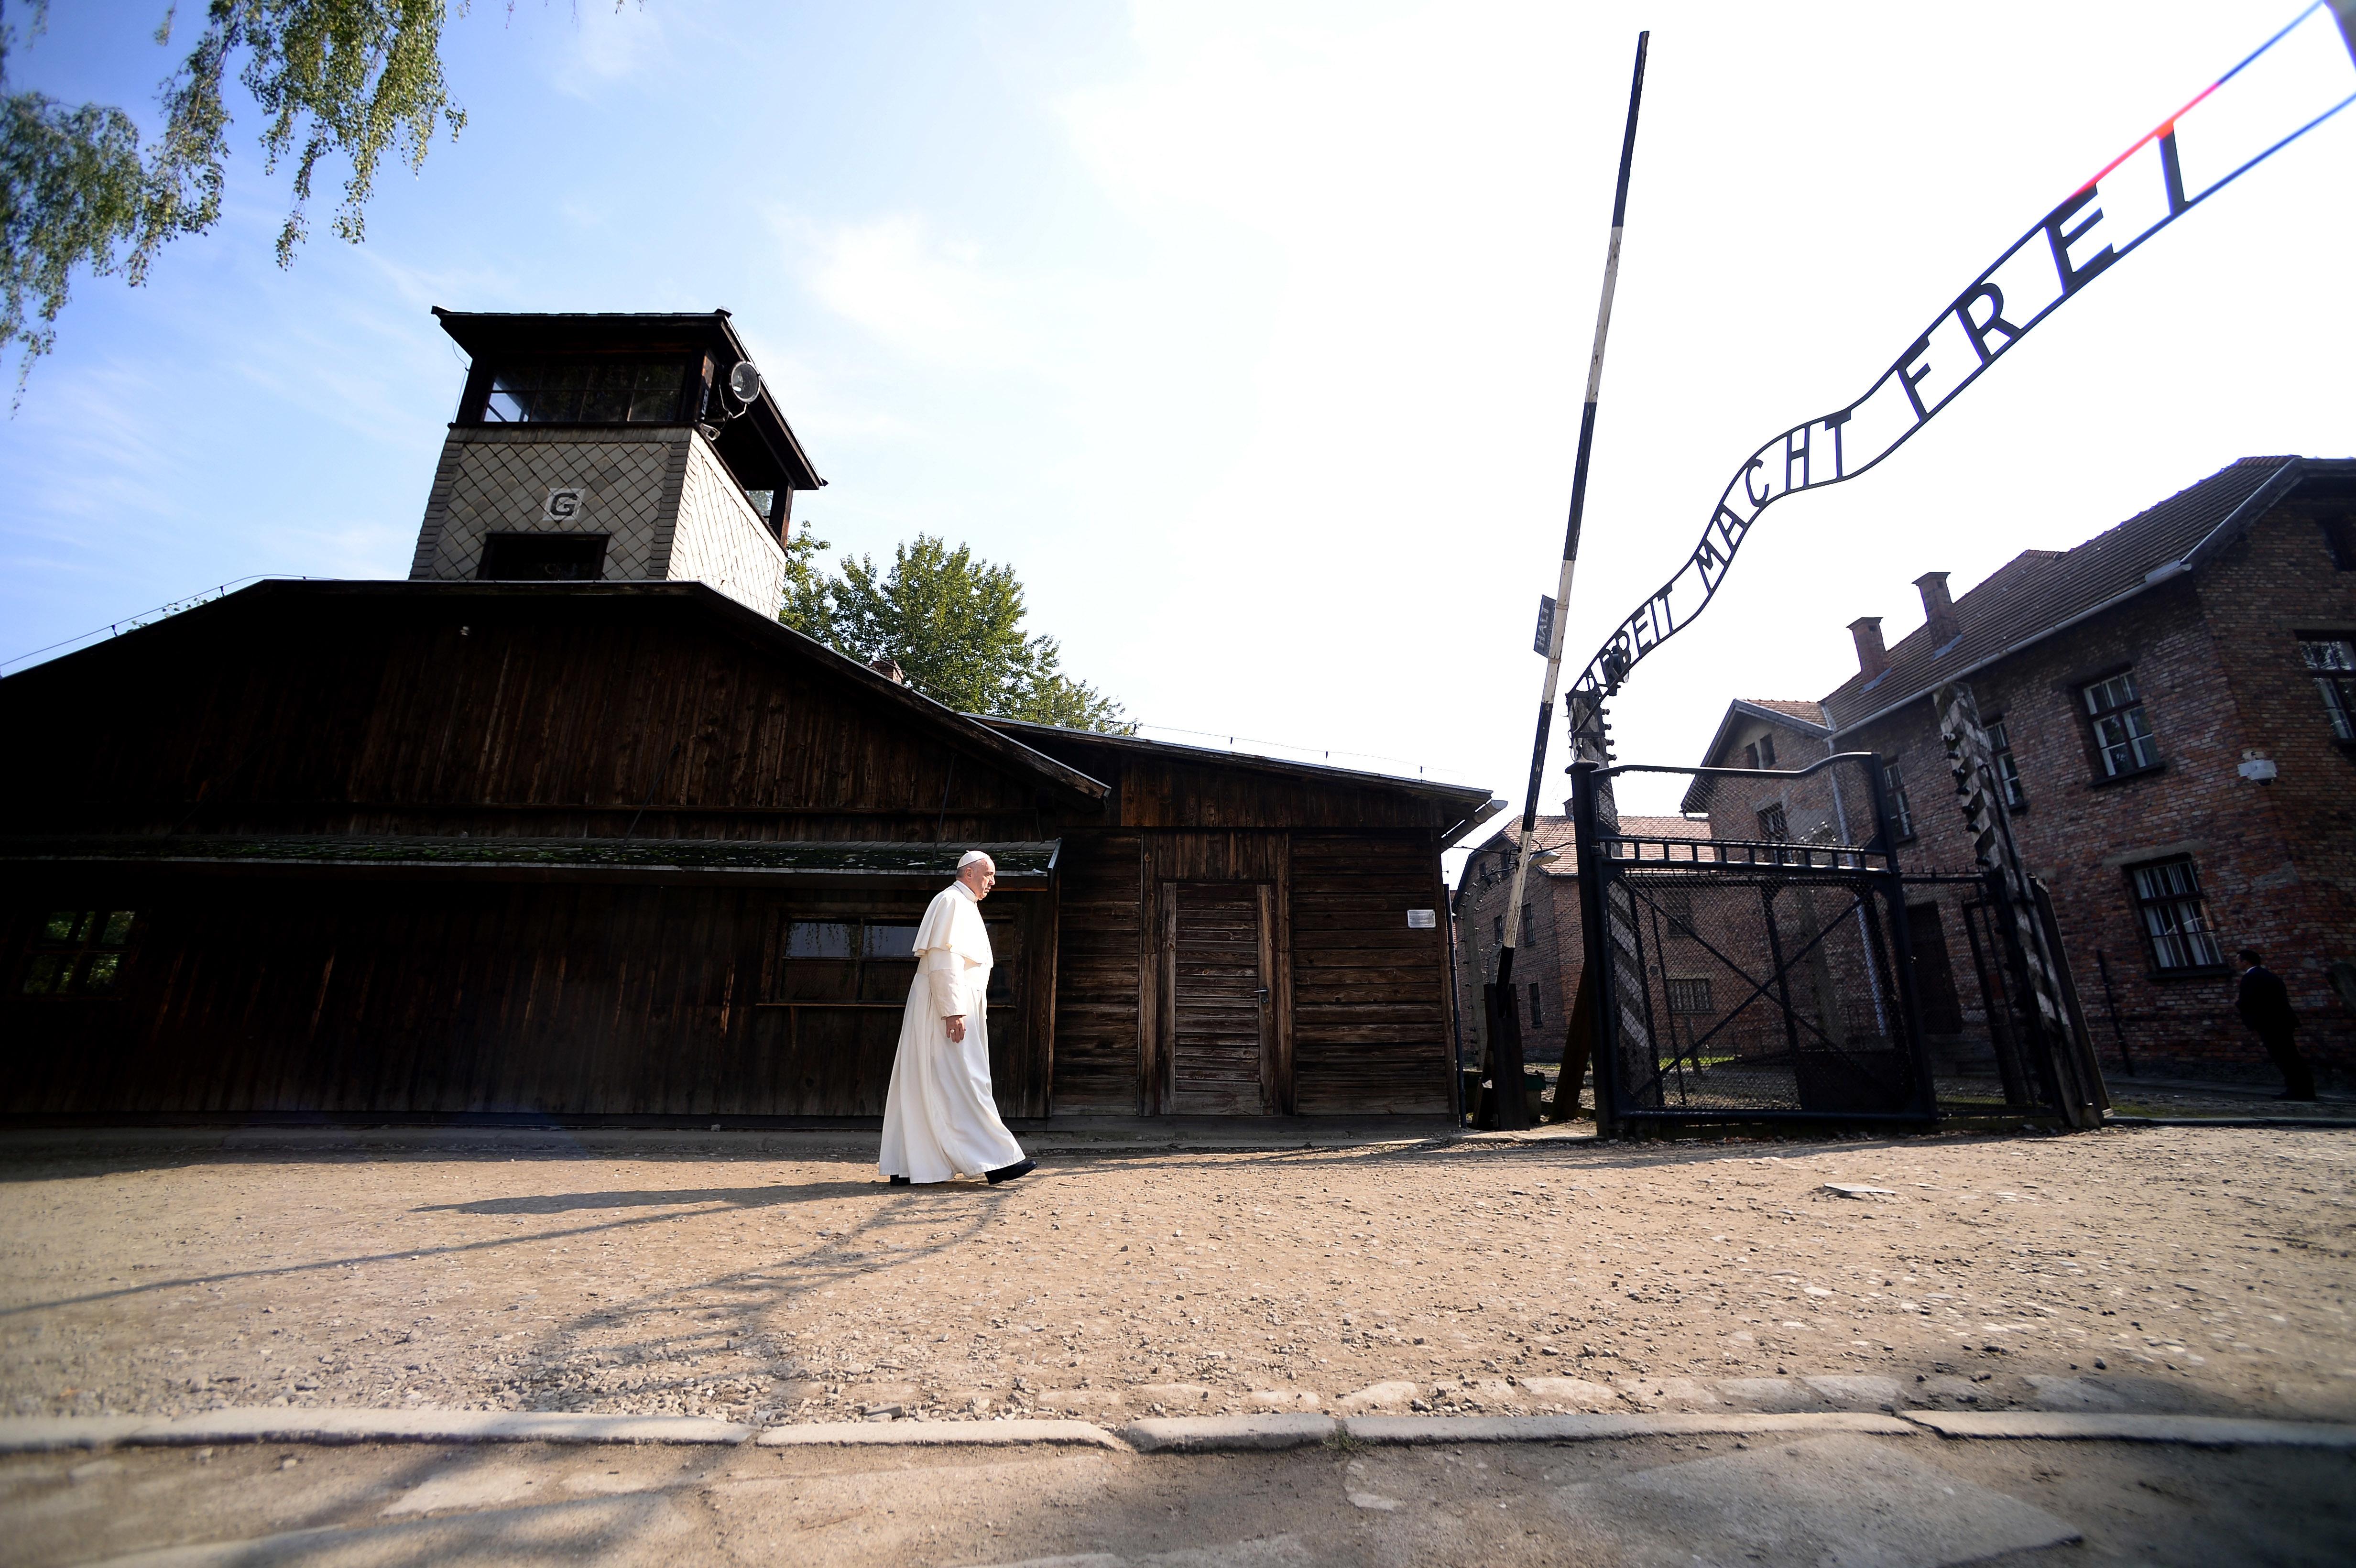 El Papa entra en el campo de concentración de Auschwitz.